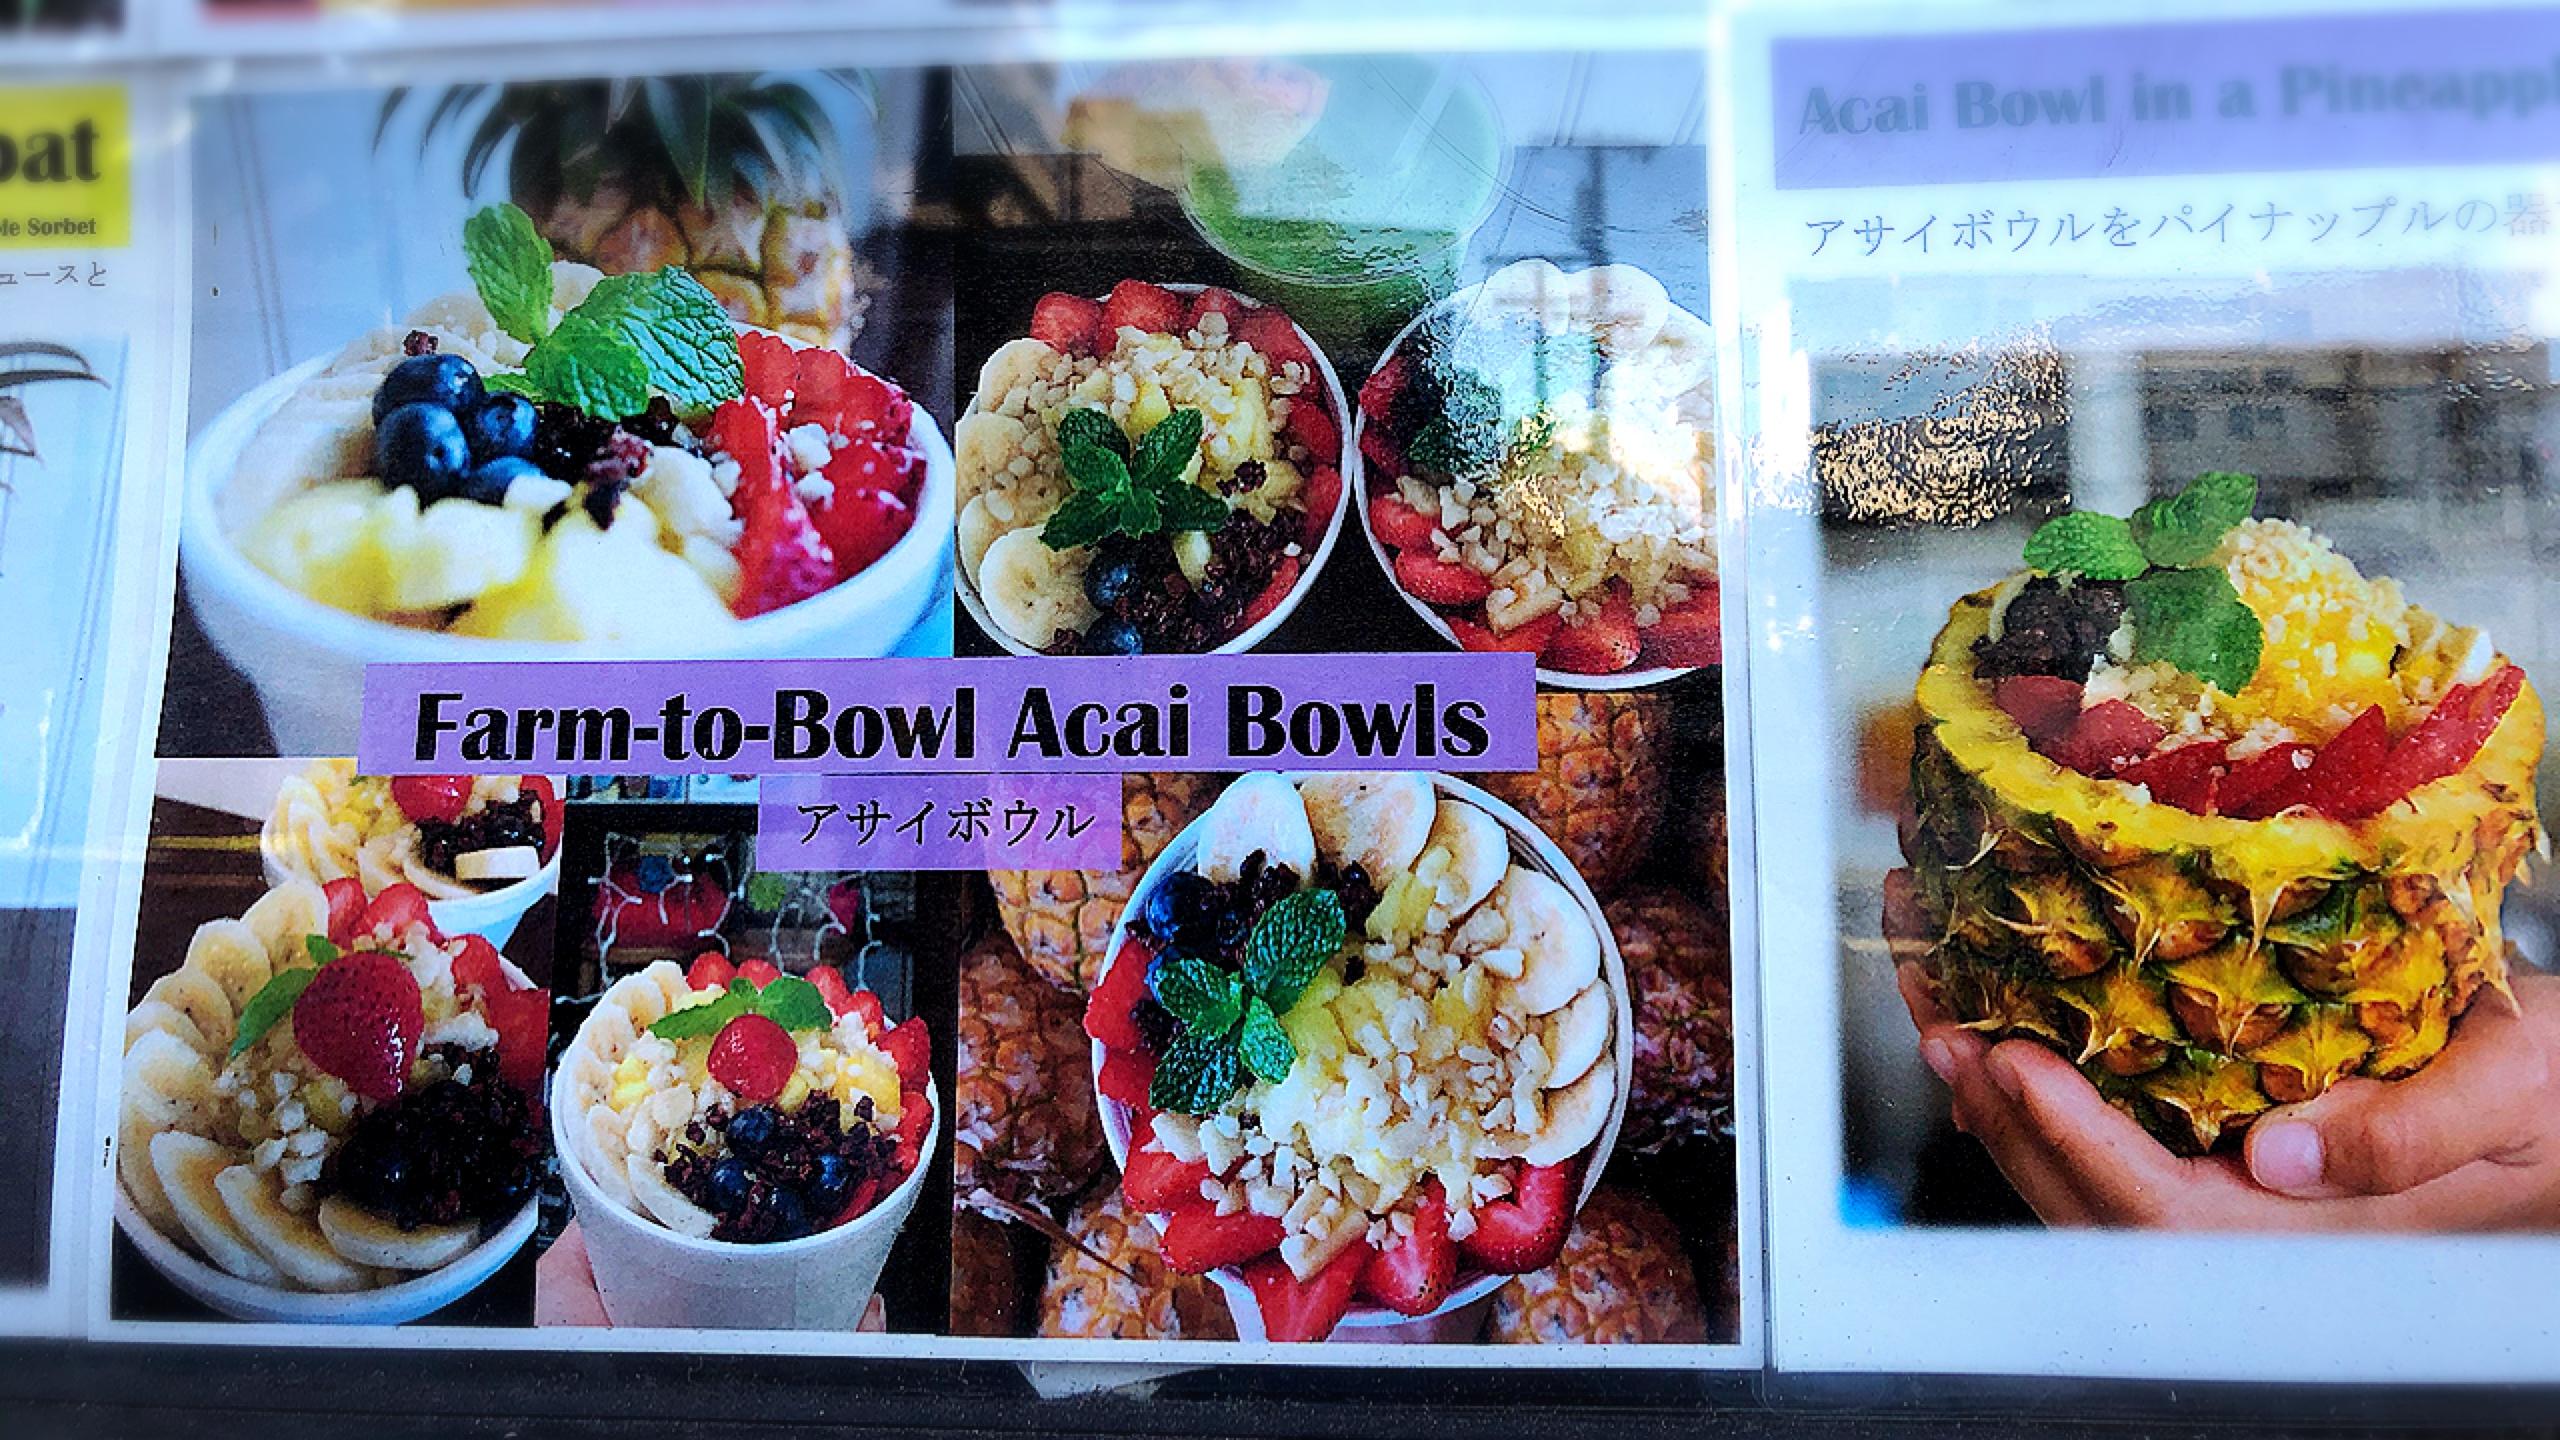 【Hawaii】ハワイ好きさん必見!あまあまパイナップルが美味◡̈♡絶対食べたい!アサイーボウルのお店に行ってきました♩_3